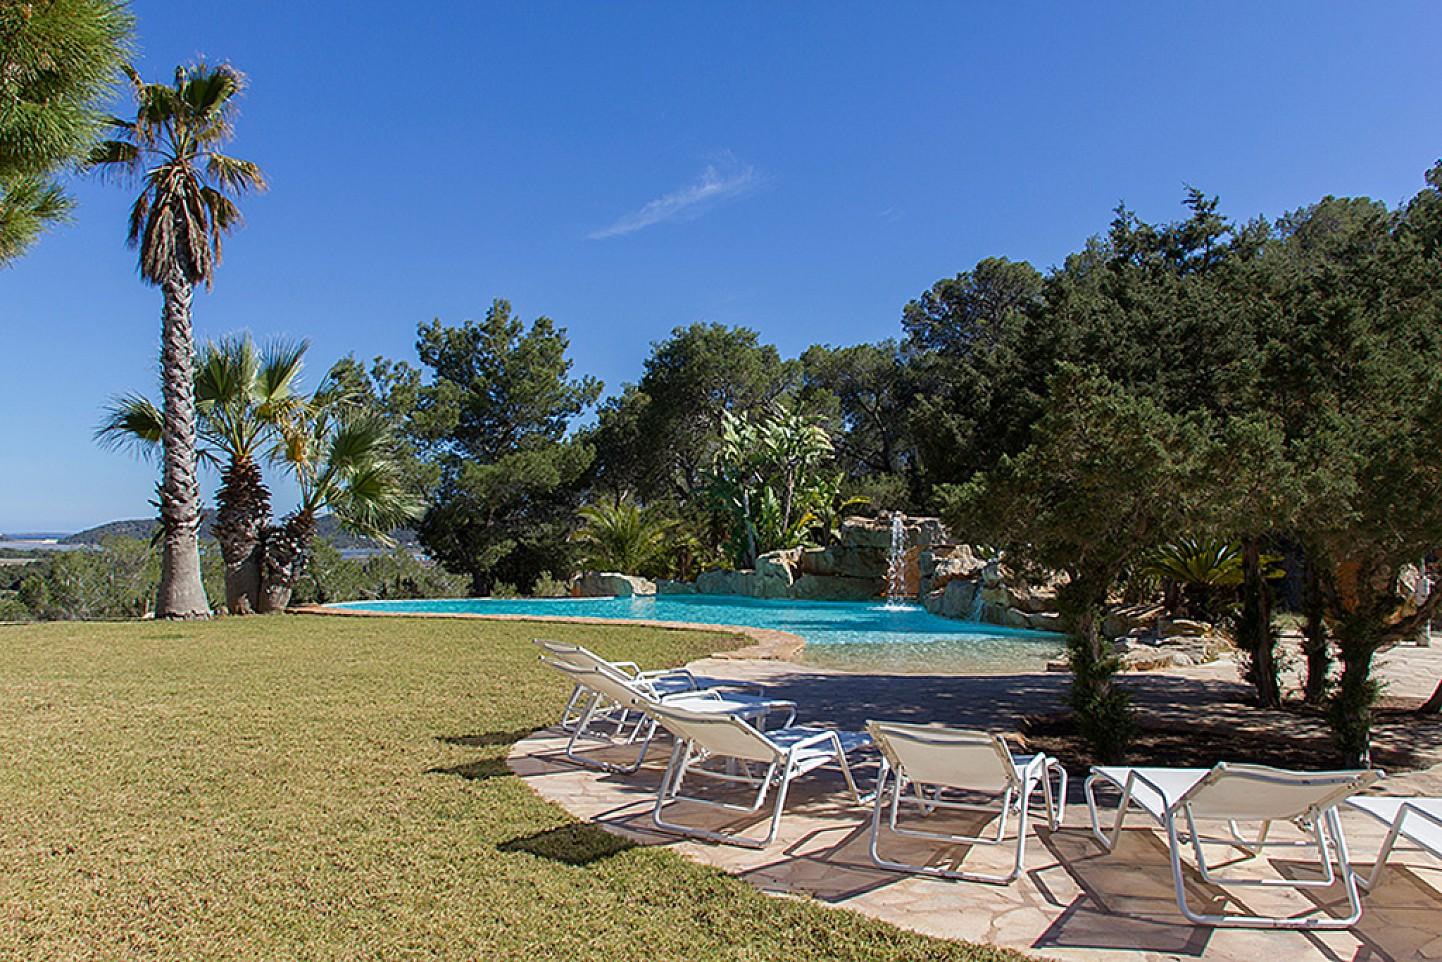 Magníficas vistas del jardín con la piscina